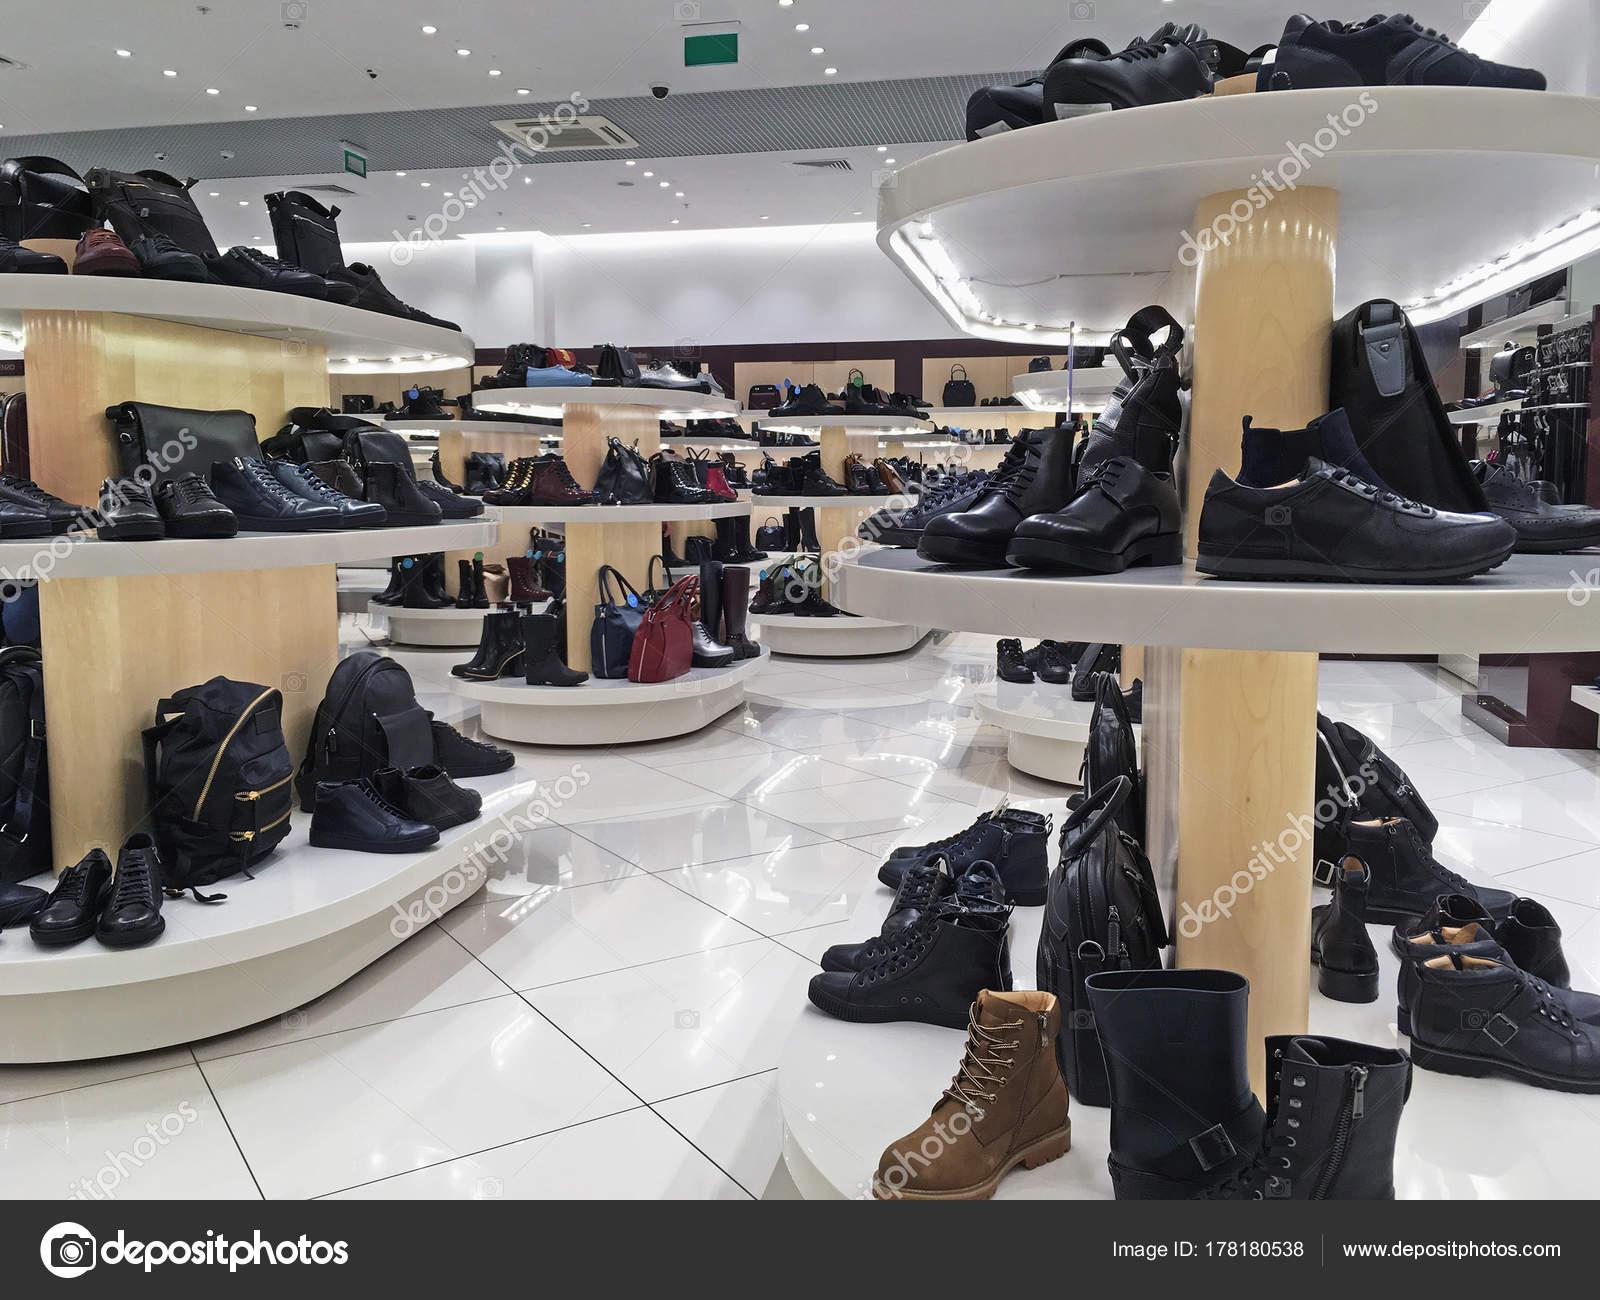 005e9bfc99 Loja de calçados de moda grande luxo